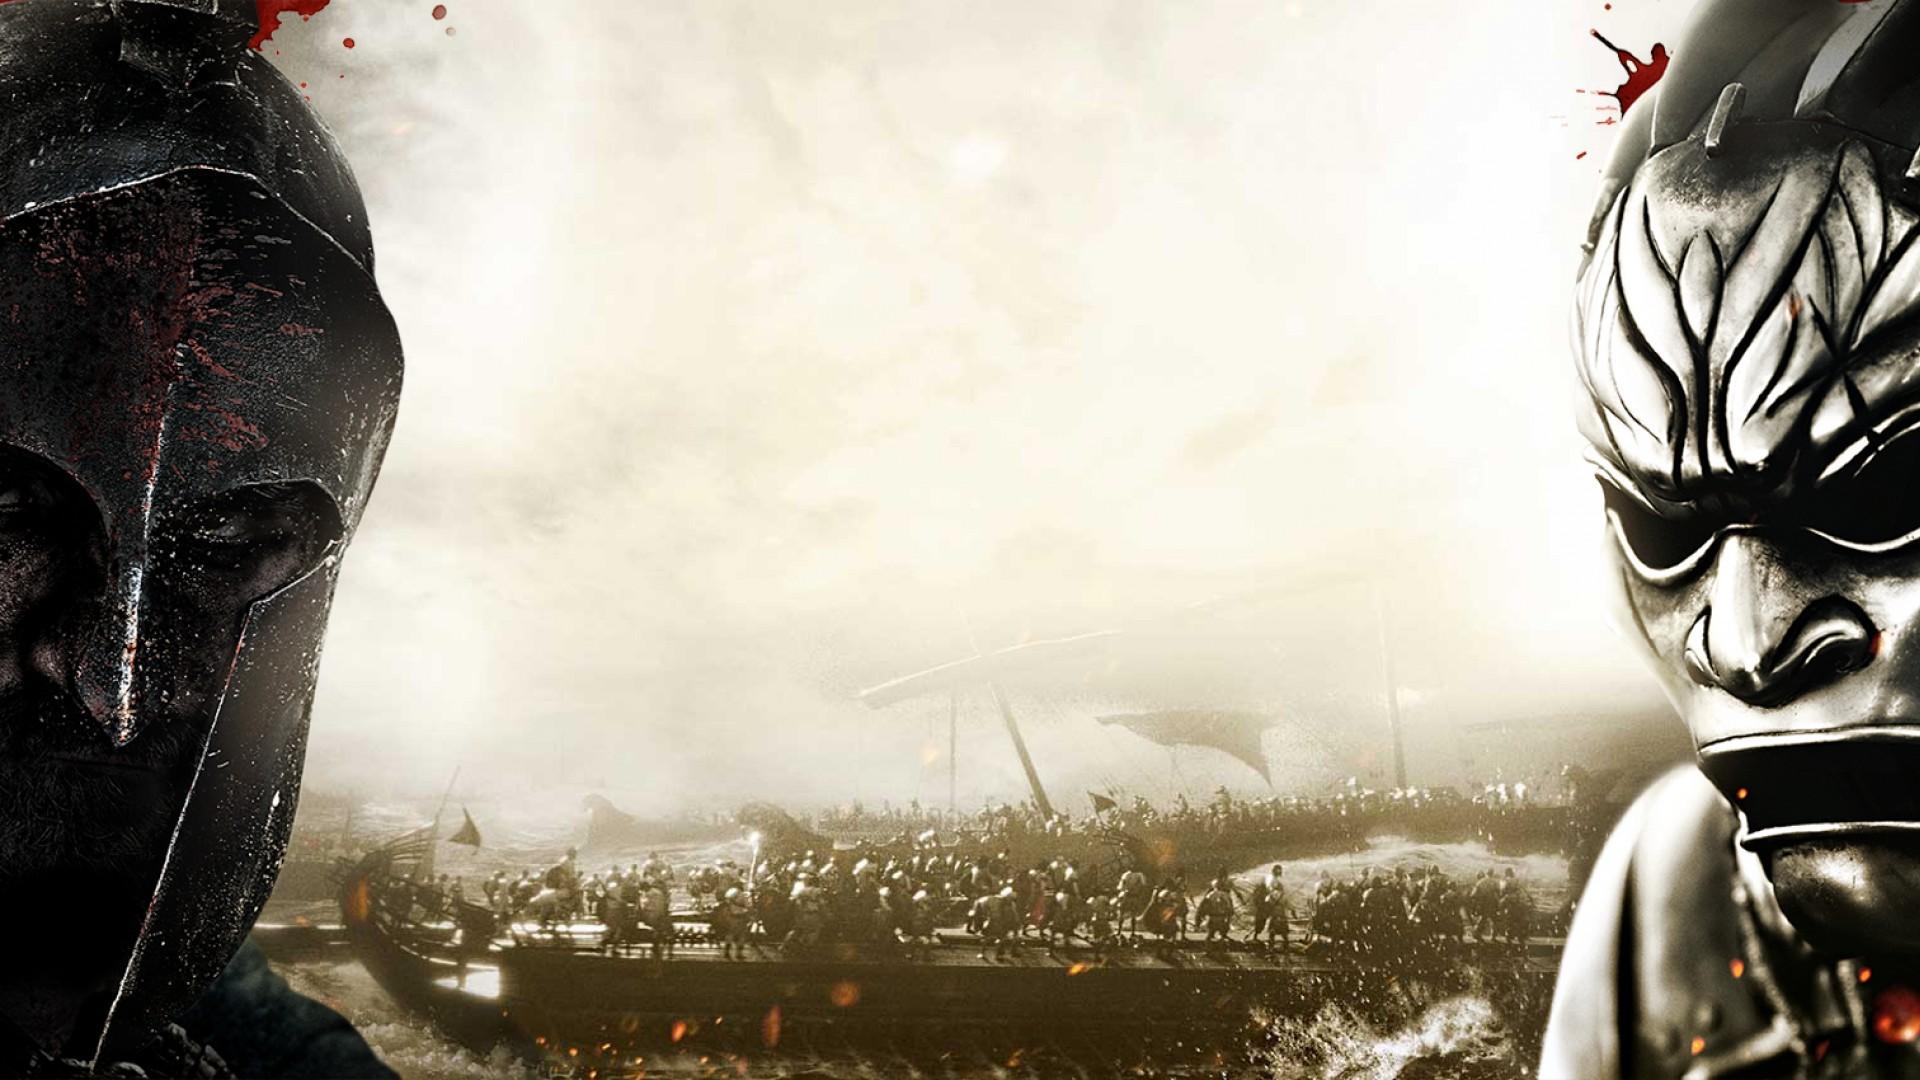 300 спартанцев: Расцвет империи два солдата - обои для рабочего ...